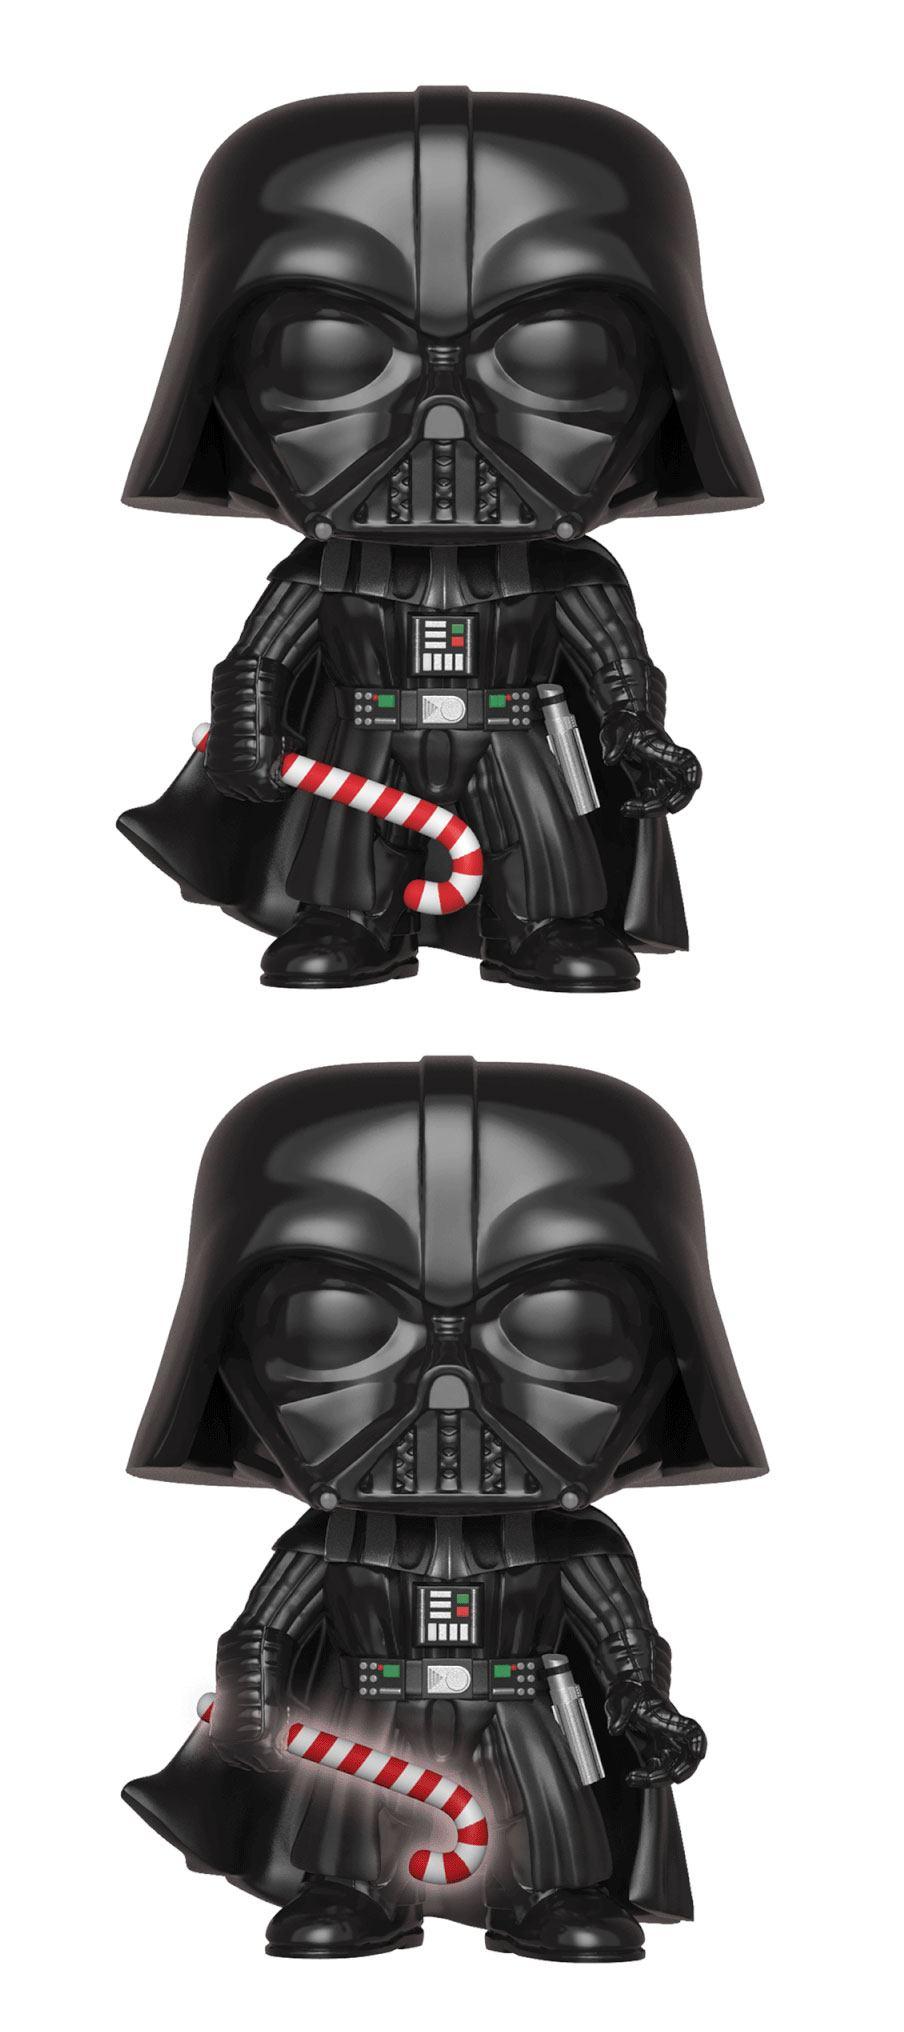 Star Wars POP! Vinyl Bobble-Head Figures Holiday Darth Vader 9 cm Assortment (6)